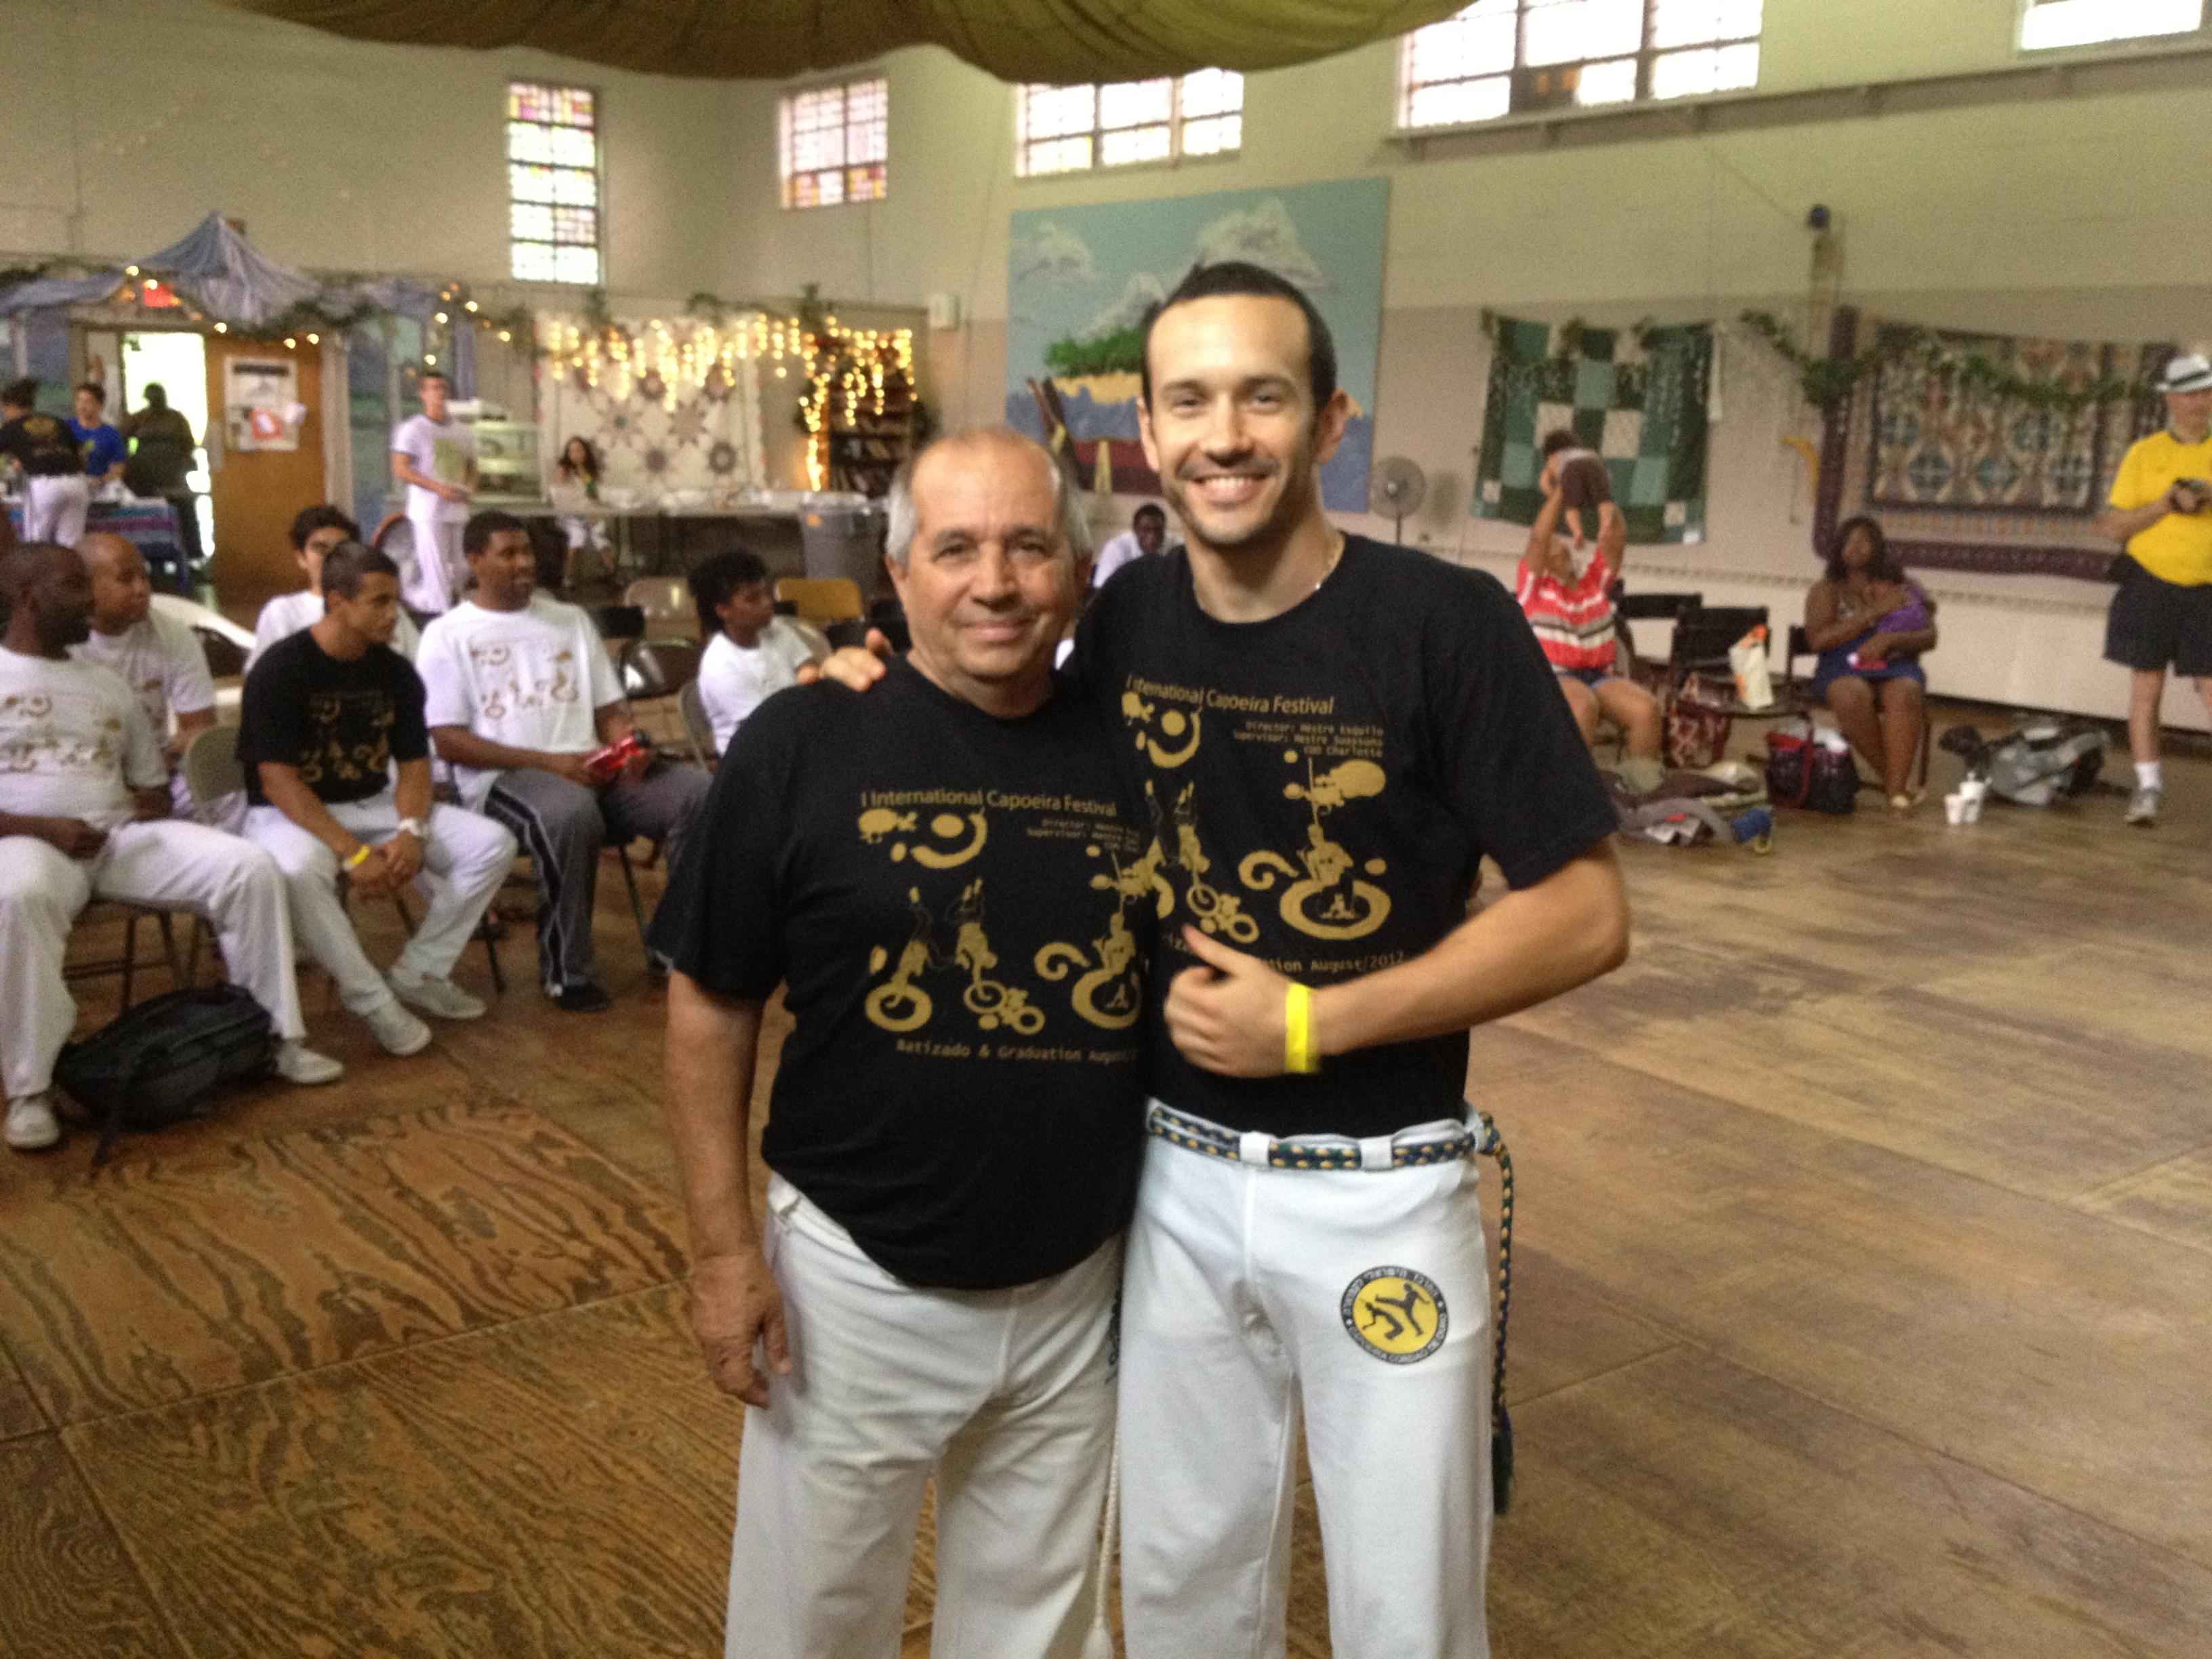 Grande Mestre Suassuna & CM Baz